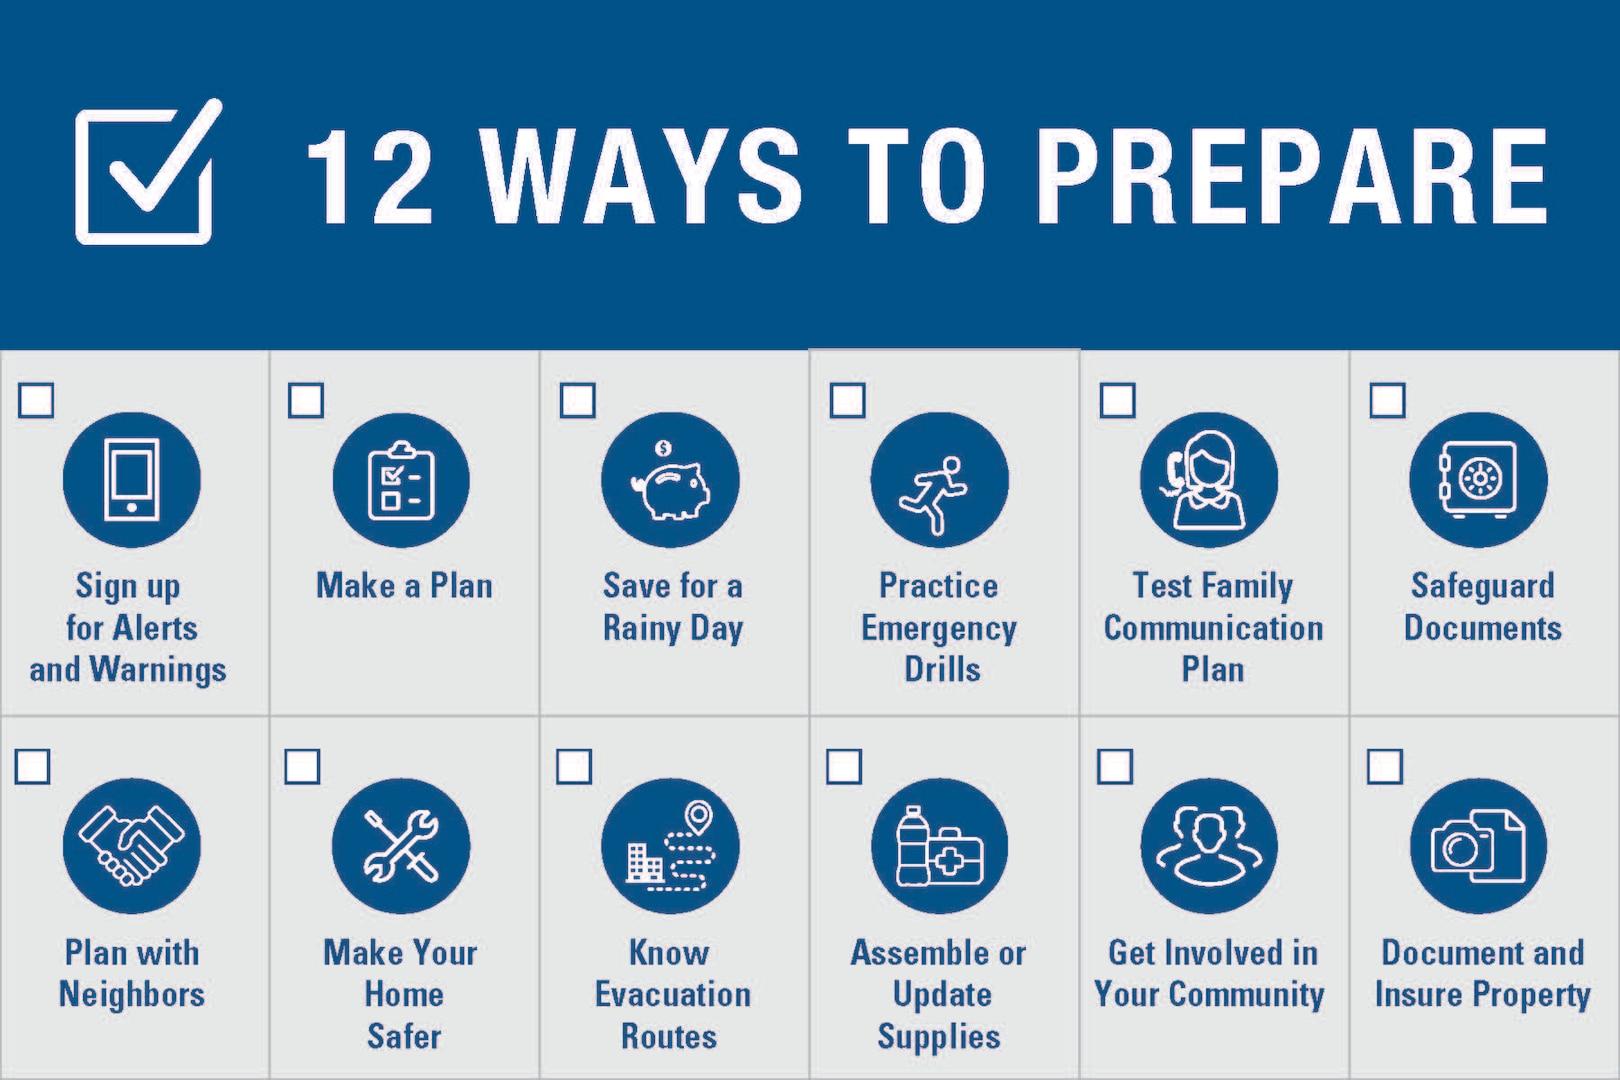 DLA Installation Management Susquehanna's Prepareathon topic #3: Emergency Action Plan